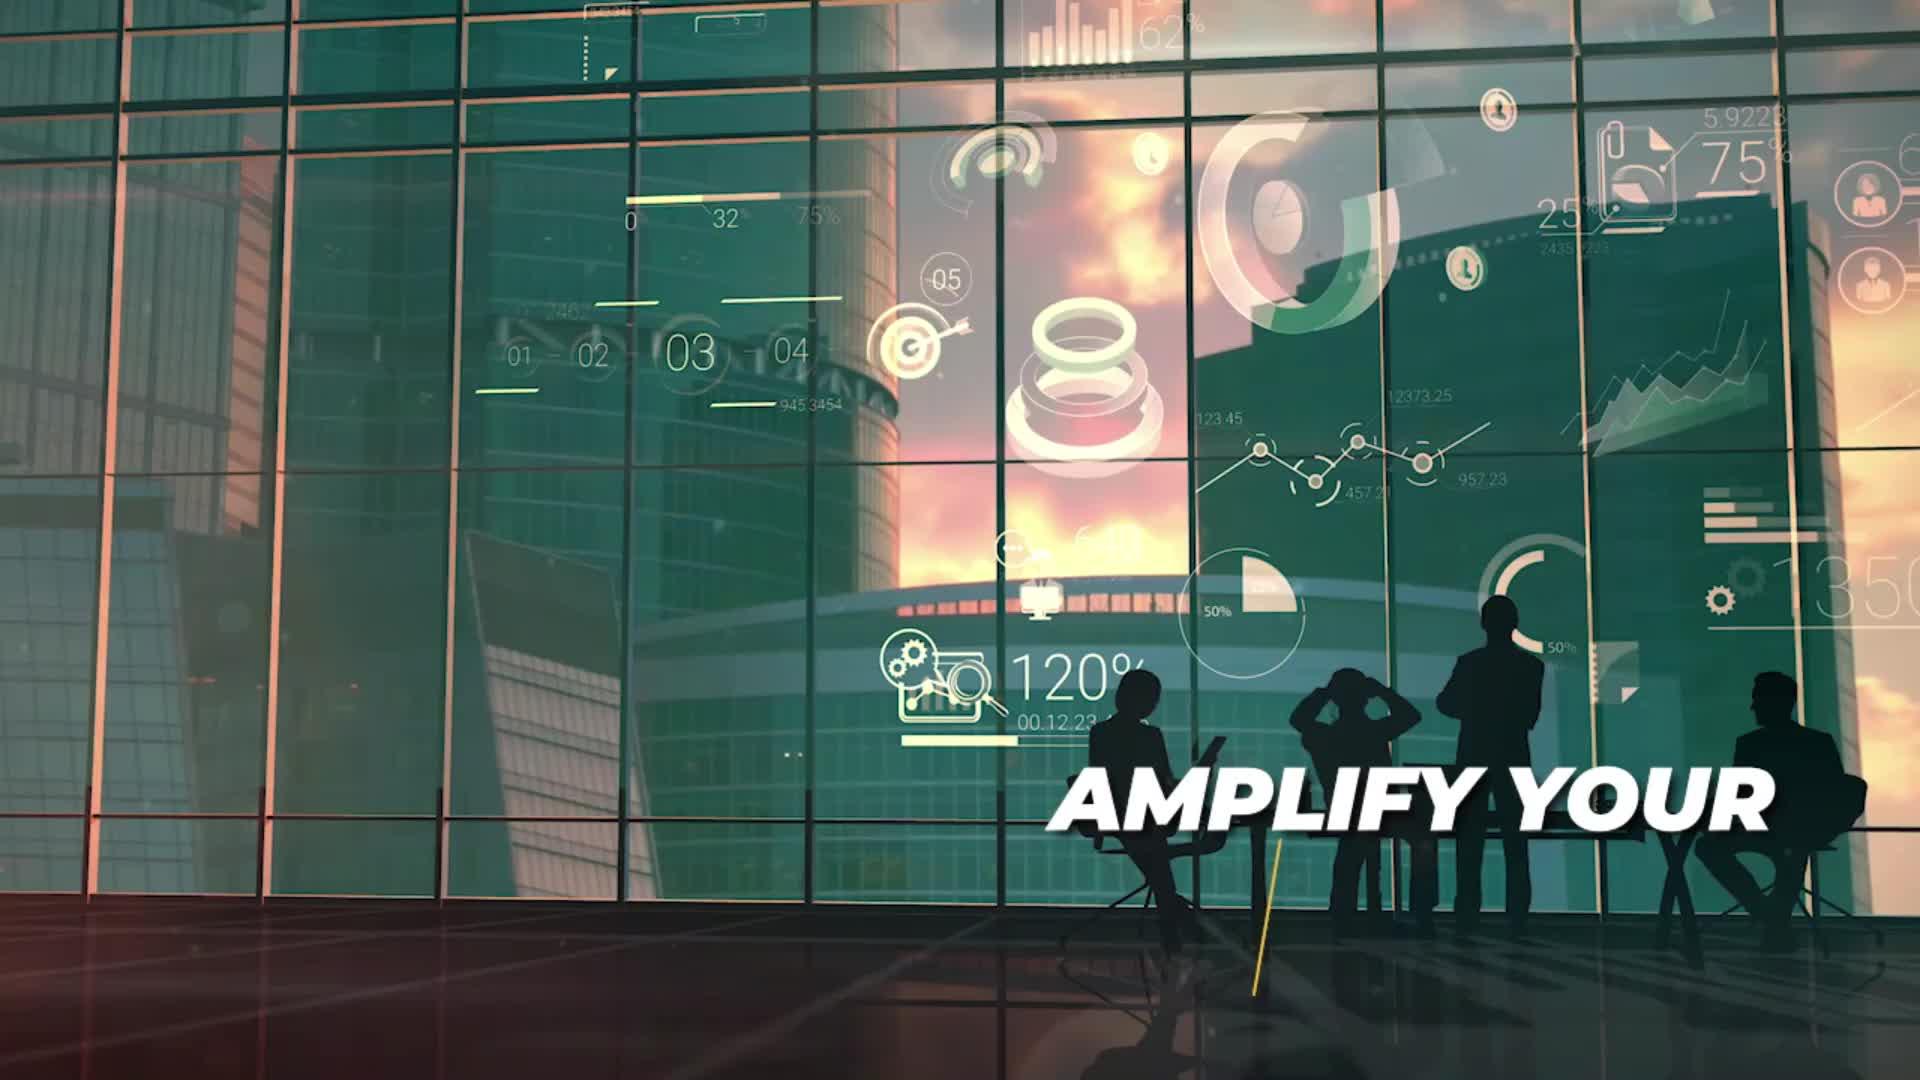 master-video-animation-freelancer-image-91361